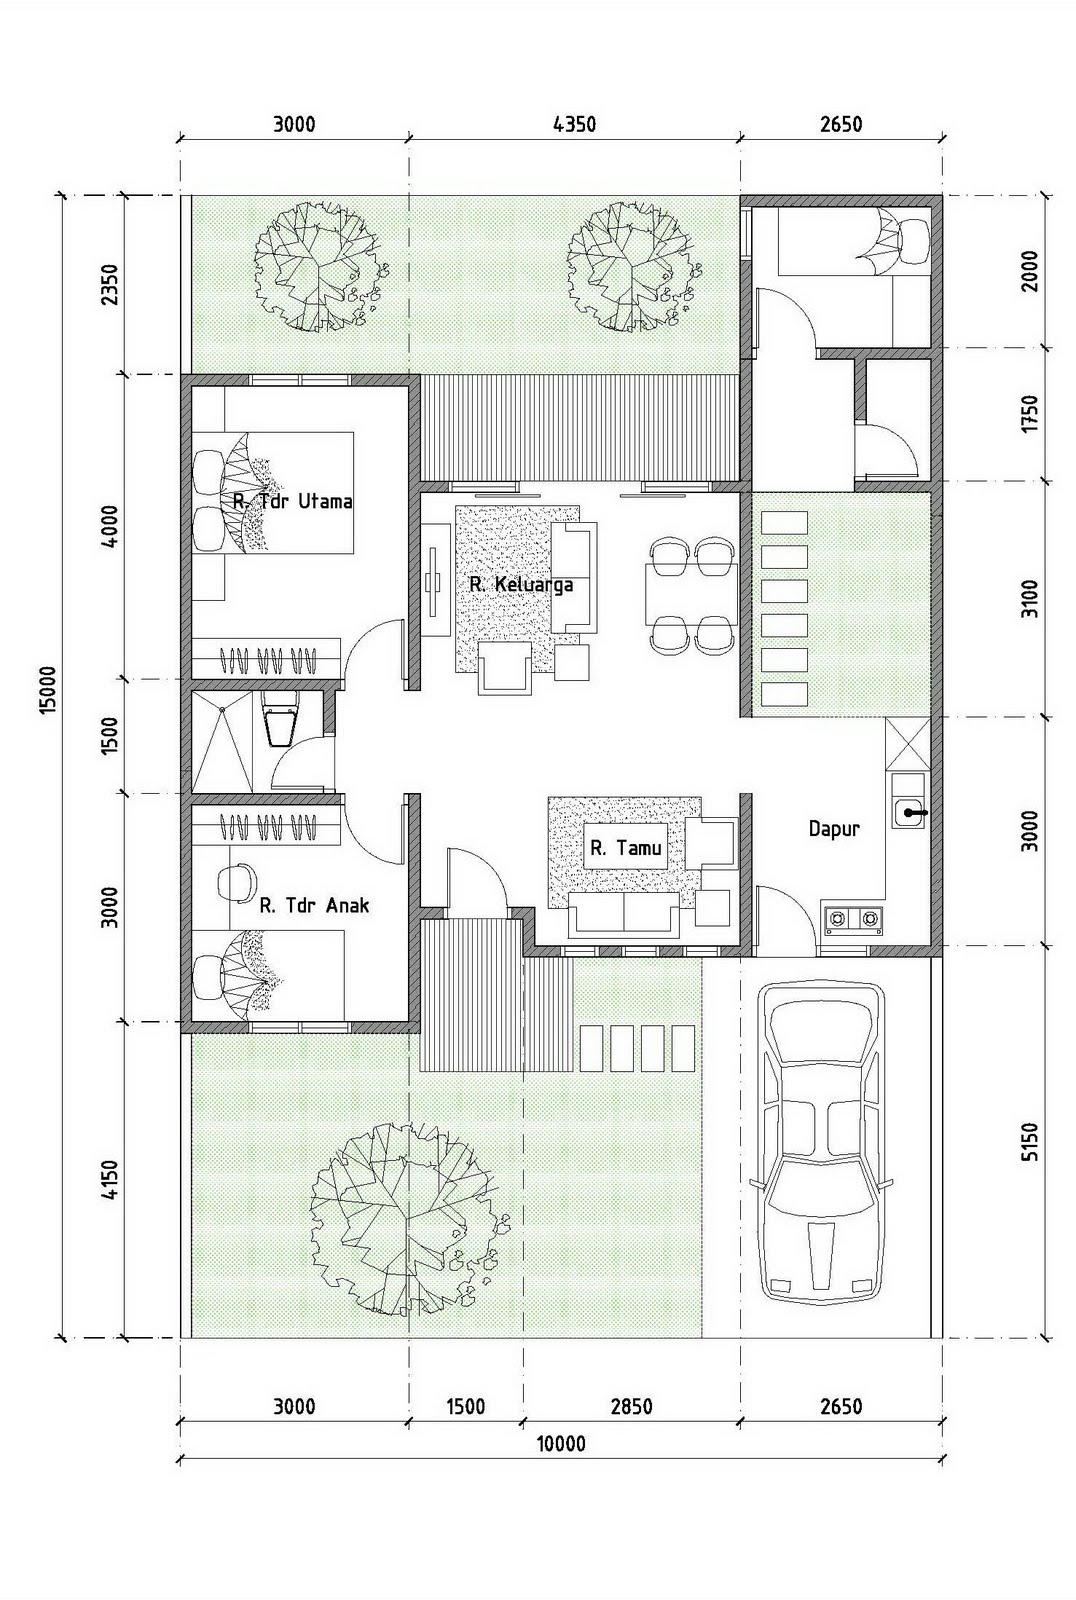 Gambar Denah Rumah Type 70 - Rumah Minimalis